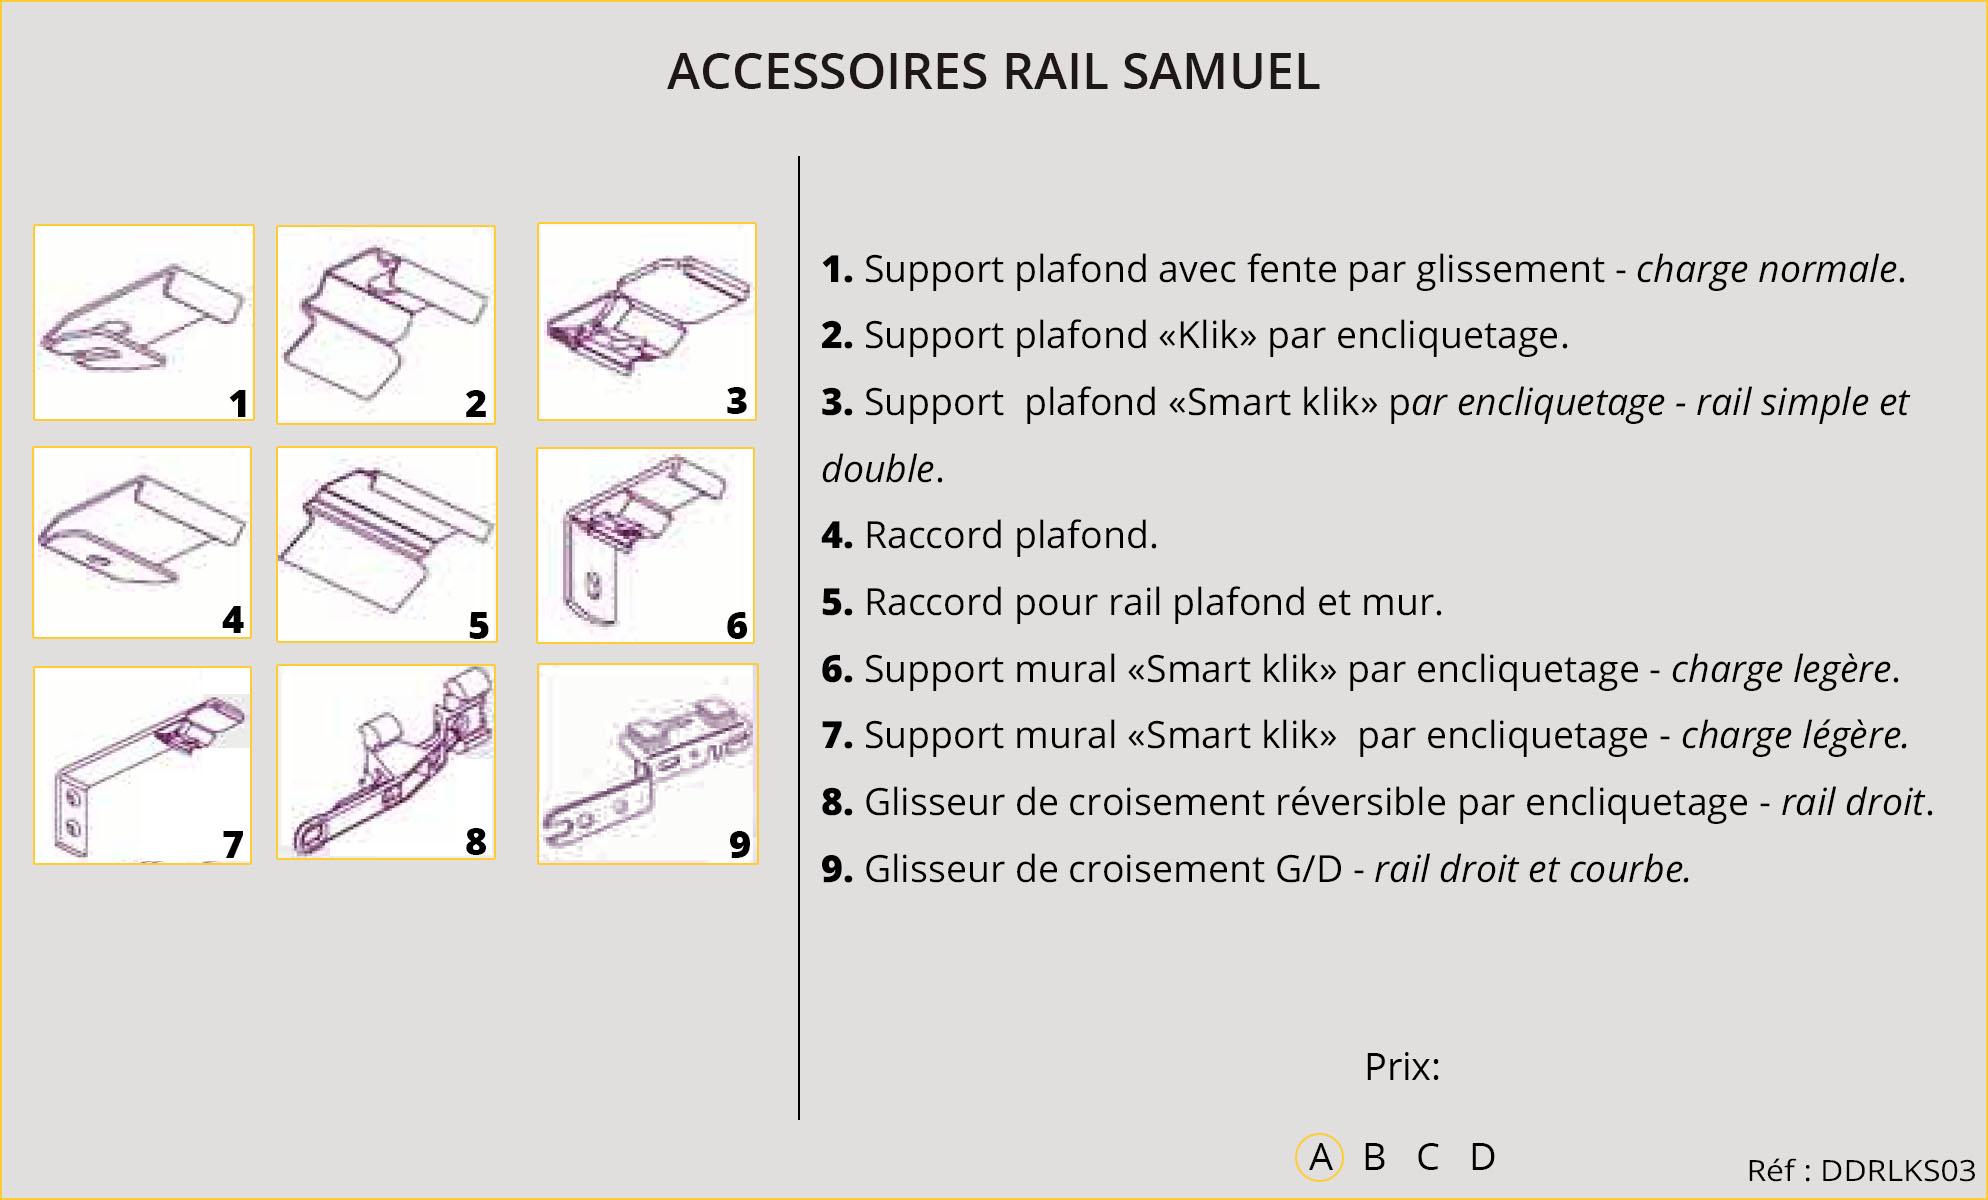 Rideaux-Hôtels Accessoires Rail Samuel